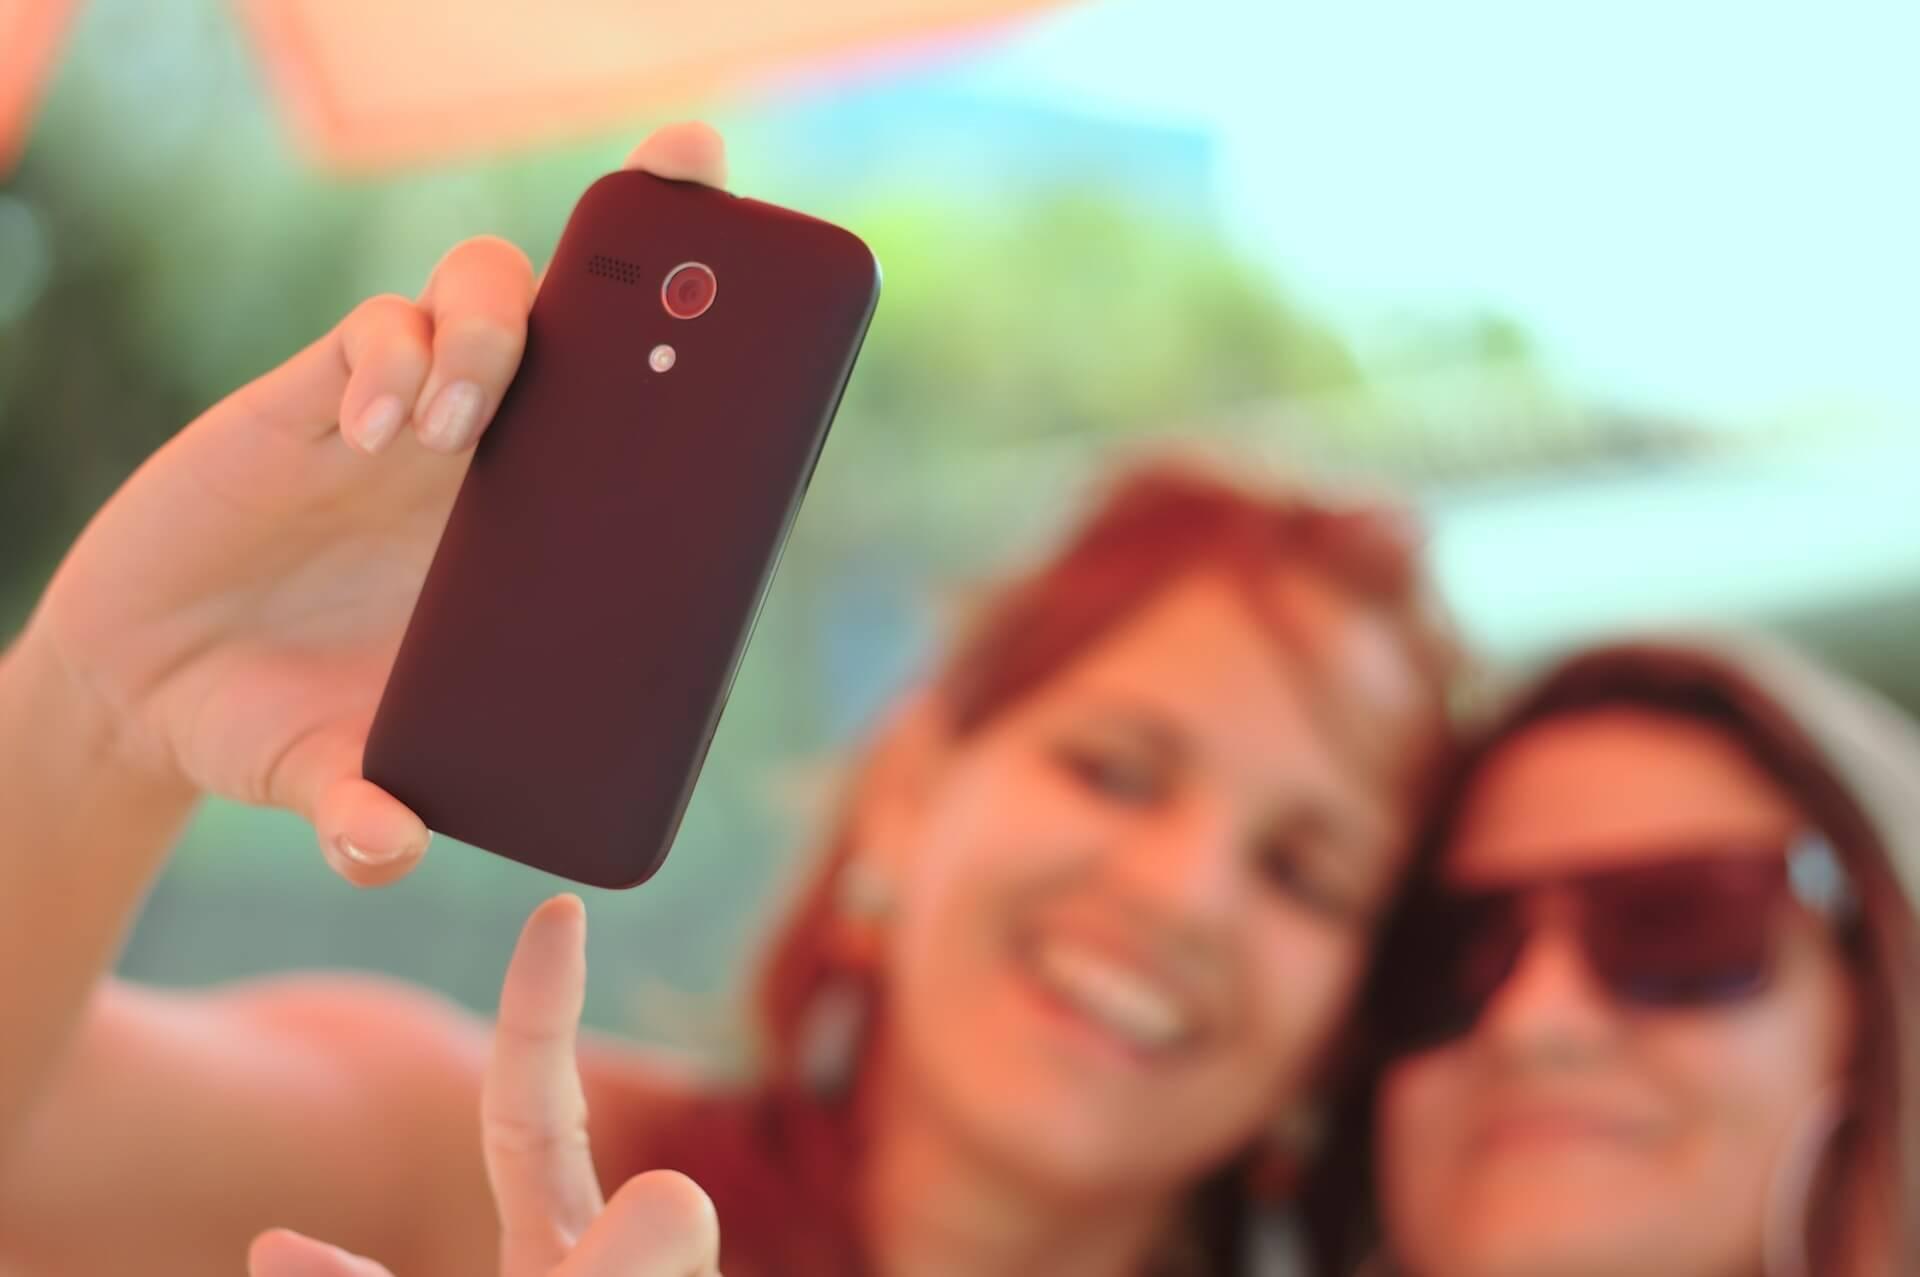 Mobitele u ruke: U zamjenu za malo kreativnosti možete dobiti 2.000 kuna